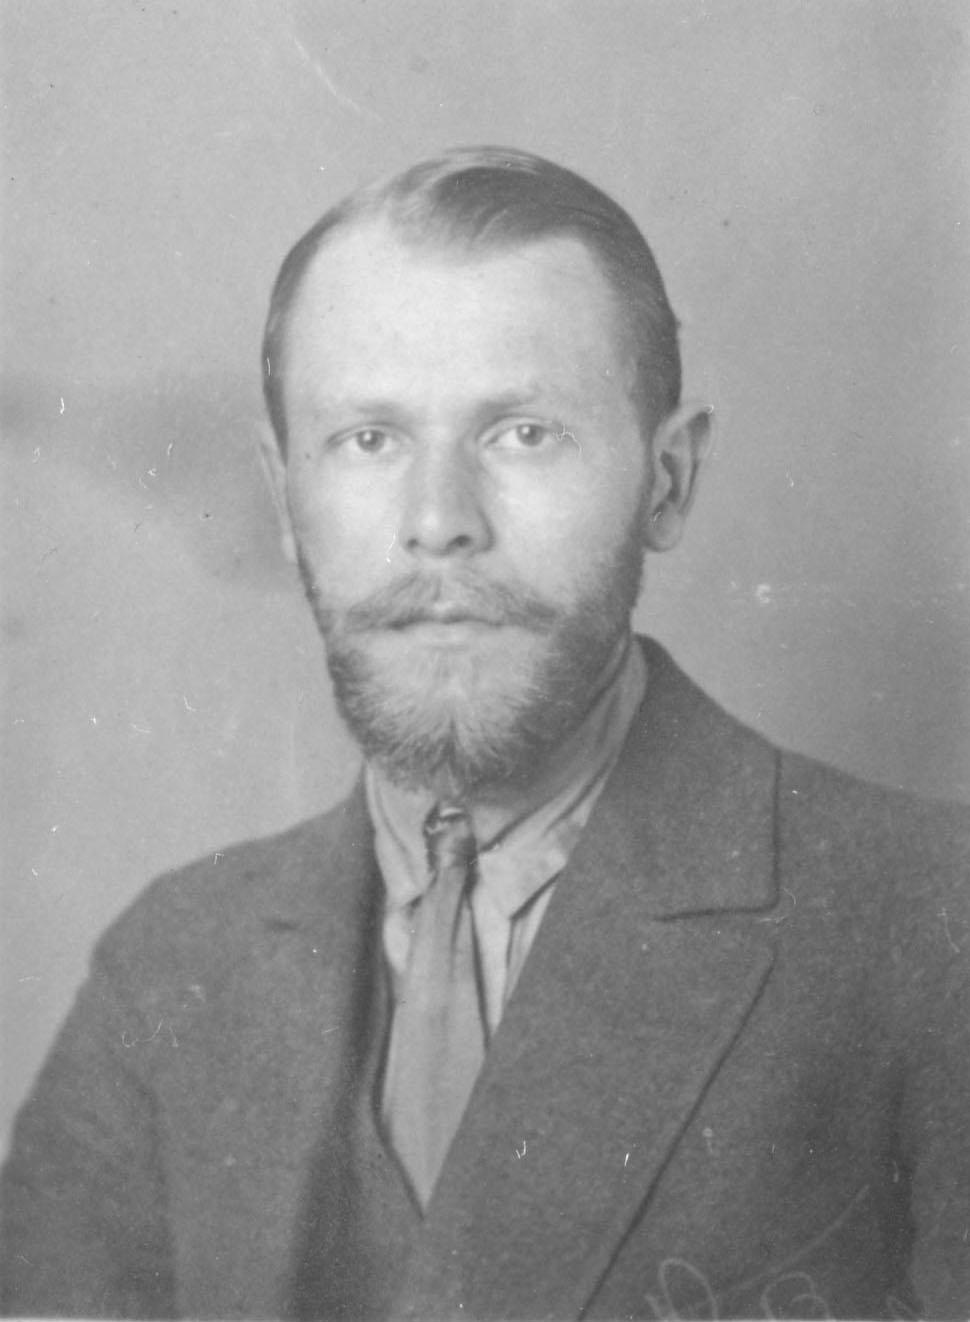 Князь Андрей Александрович Ширинский-Шихматов